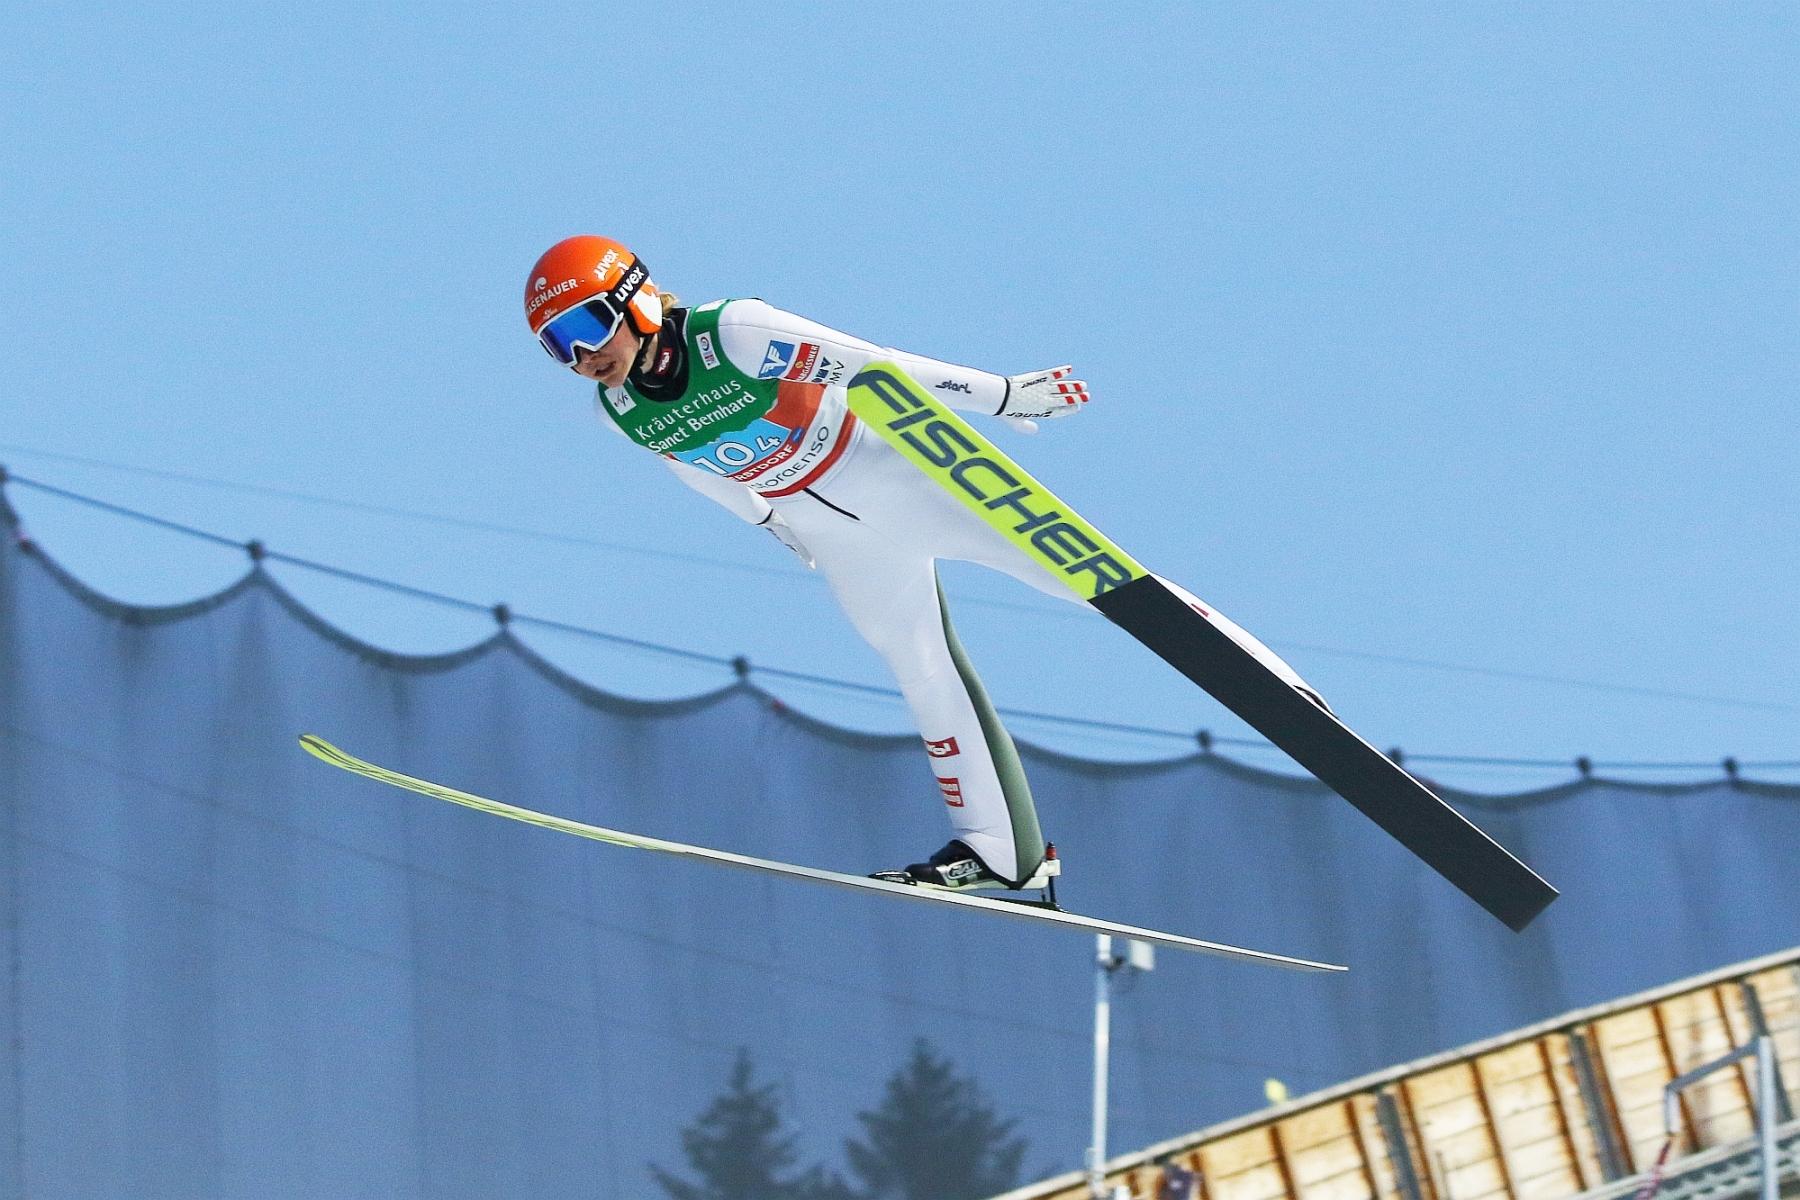 Mistrzostwa Swiata Oberstdorf2021 panieteam fotJuliaPiatkowska 26 - MŚ Oberstdorf: Dziś mistrzowski debiut Pań na dużej skoczni, jak poradzą sobie Polki? [LIVE]